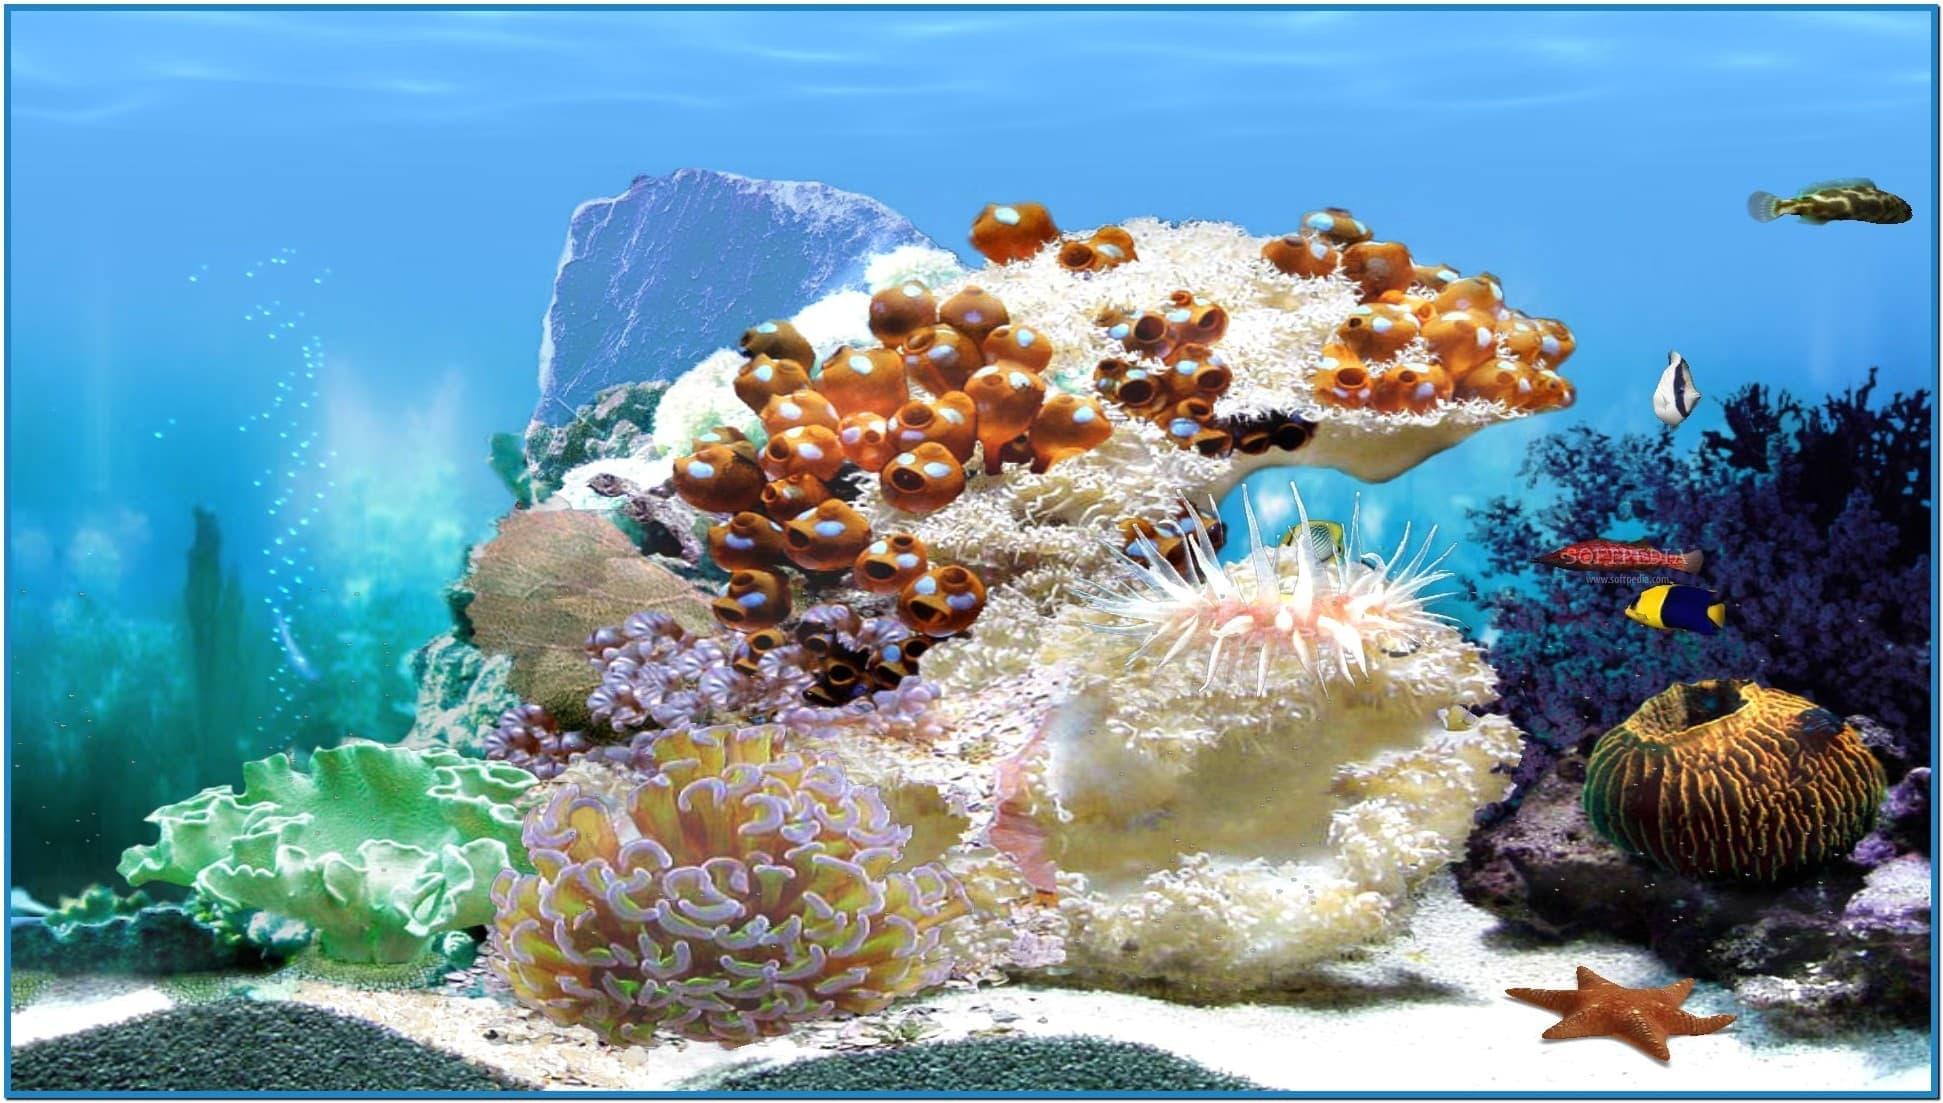 Обои для рабочего стола живой аквариум